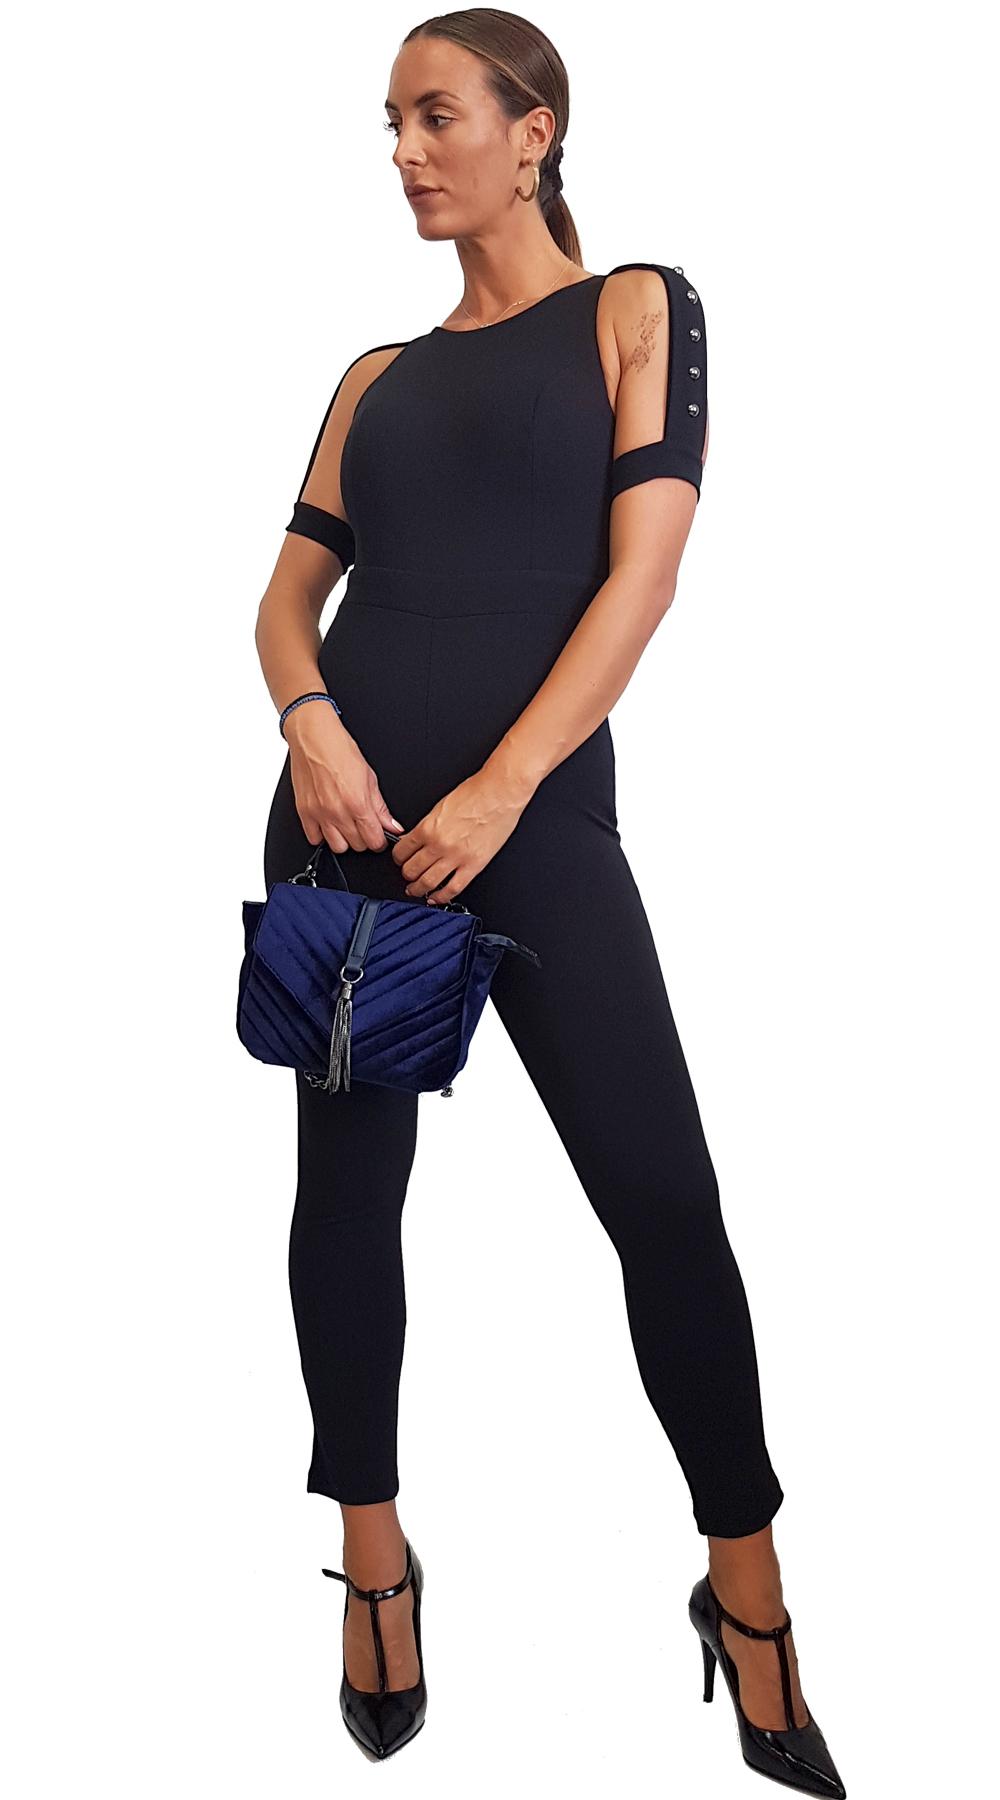 Ολόσωμη φόρμα με cut-out σχέδιο στα μανίκια ONLINE - ONLINE - FA18ON-24297 top trends cut outs